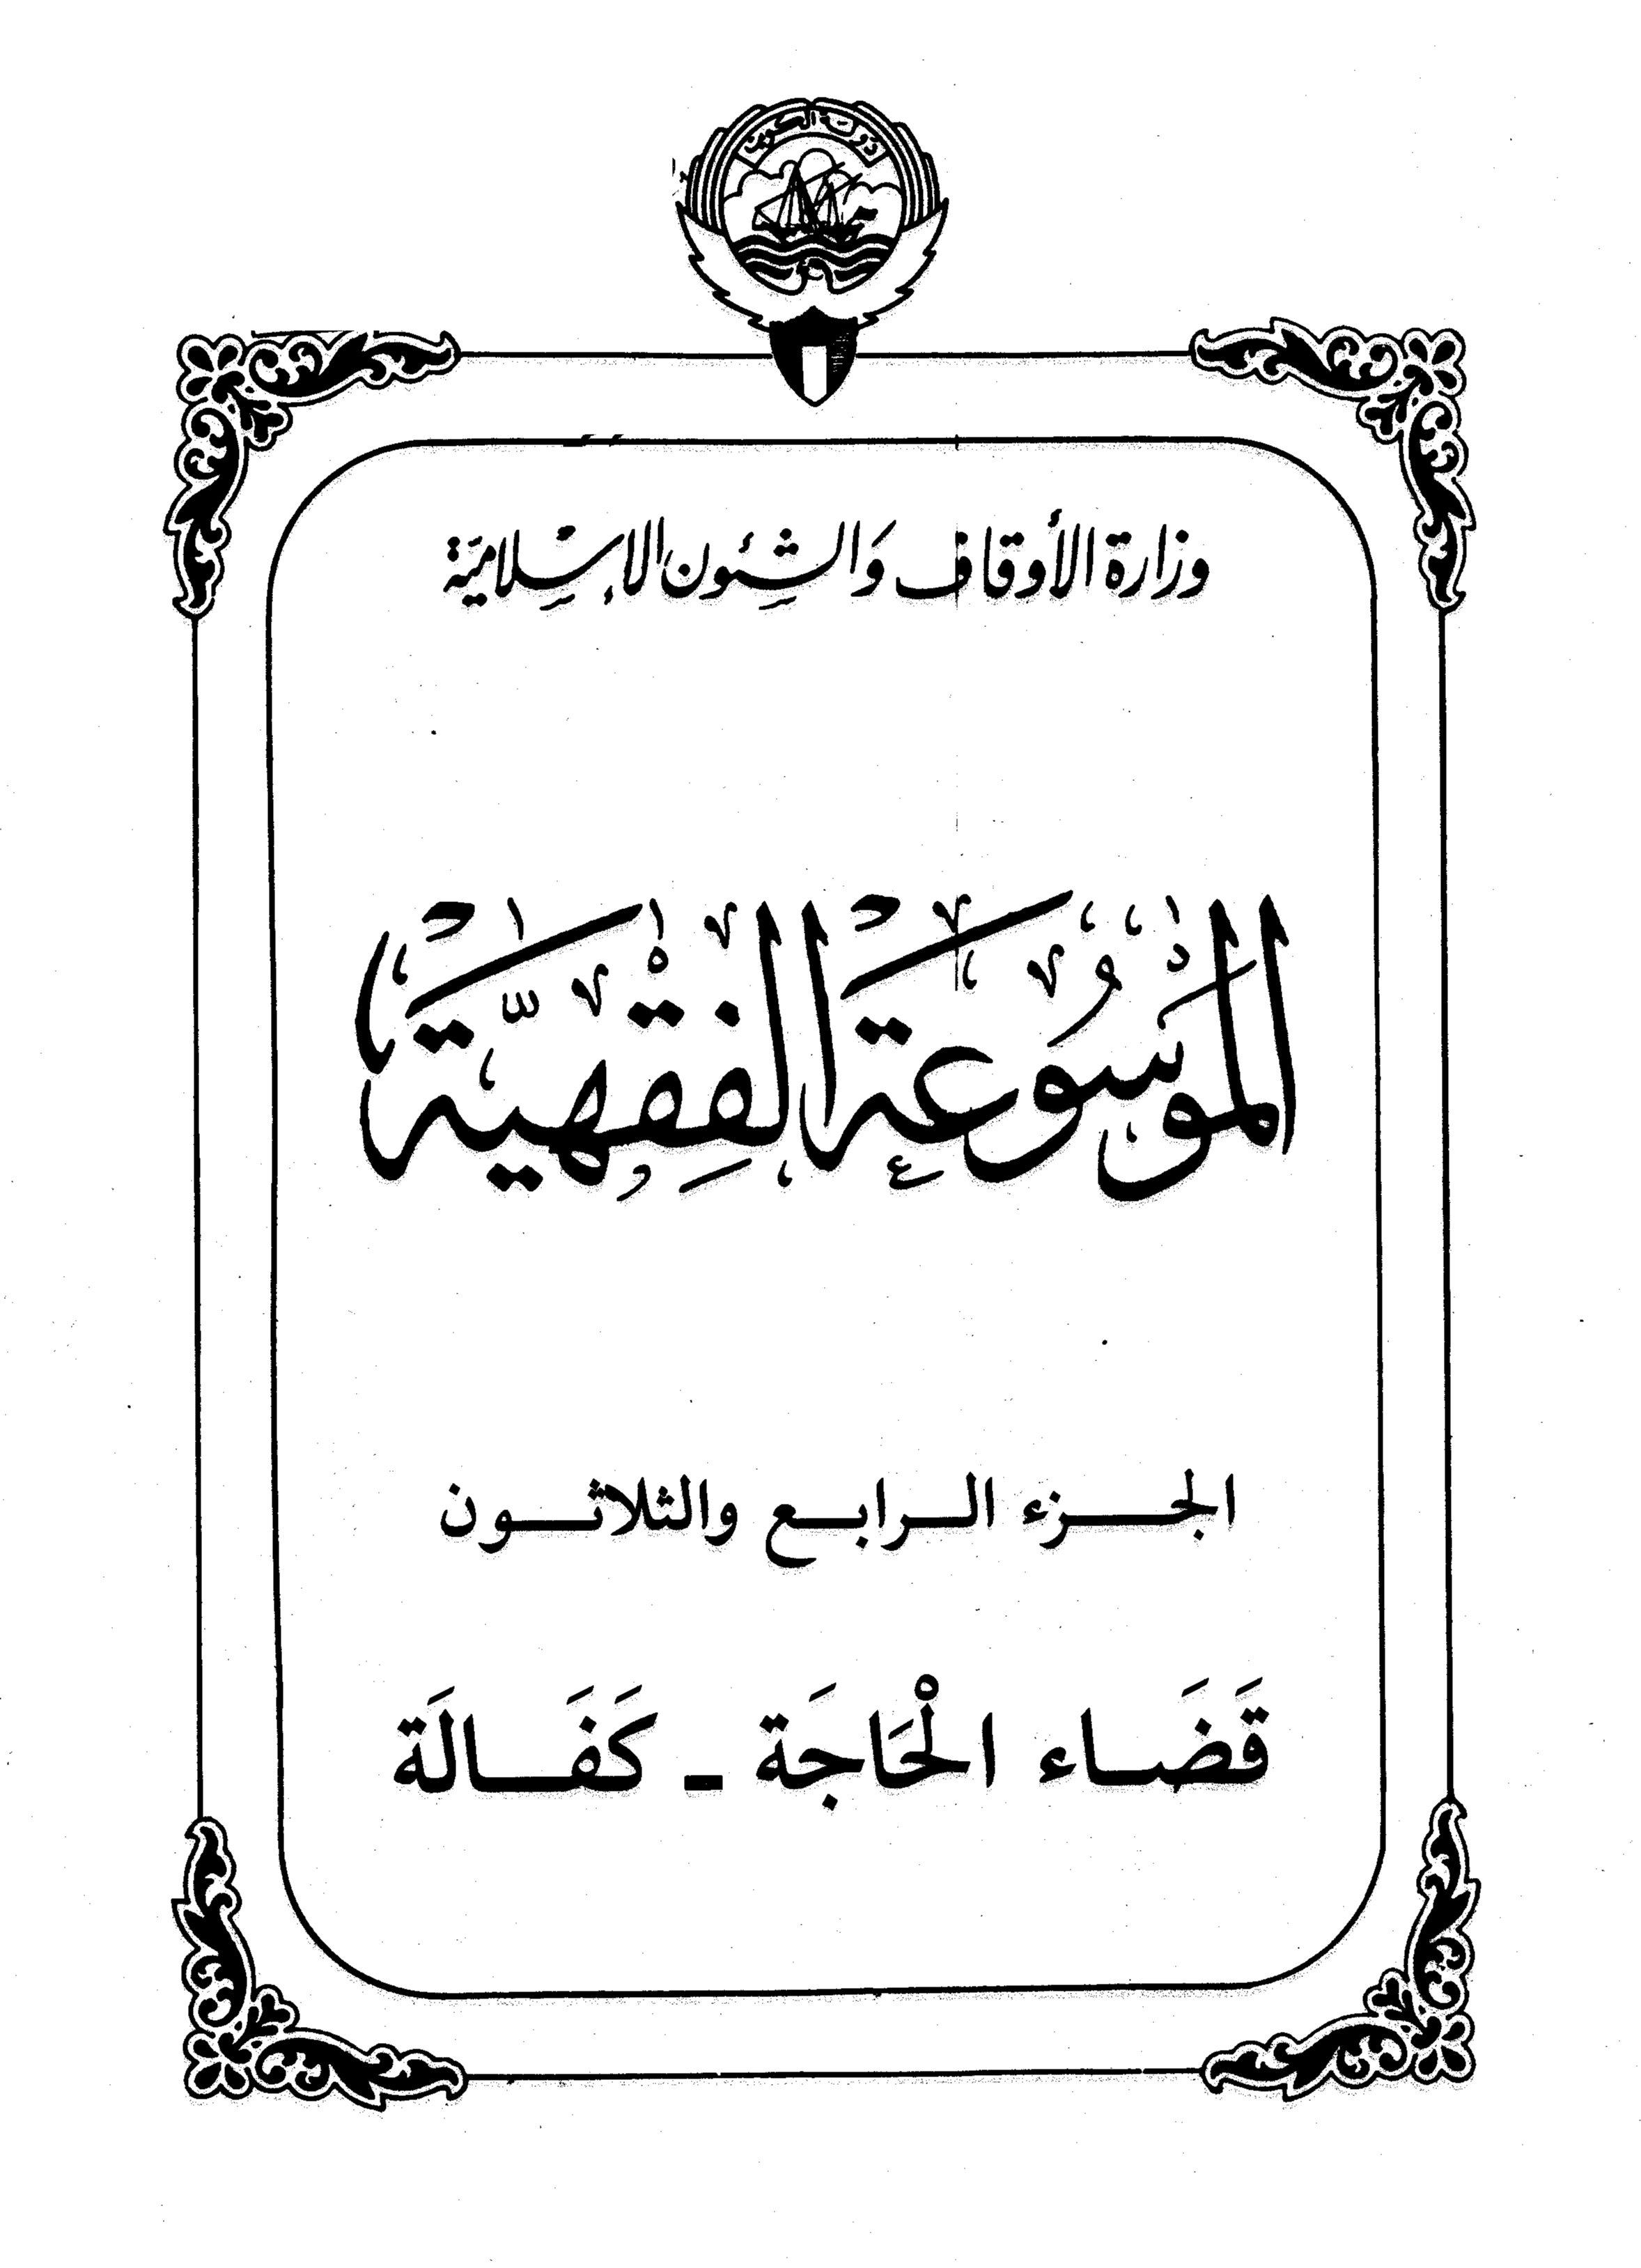 الموسوعة الفقهية الكويتية- الجزء الرابع والثلاثون (قضاء الحاجة - كفالة)